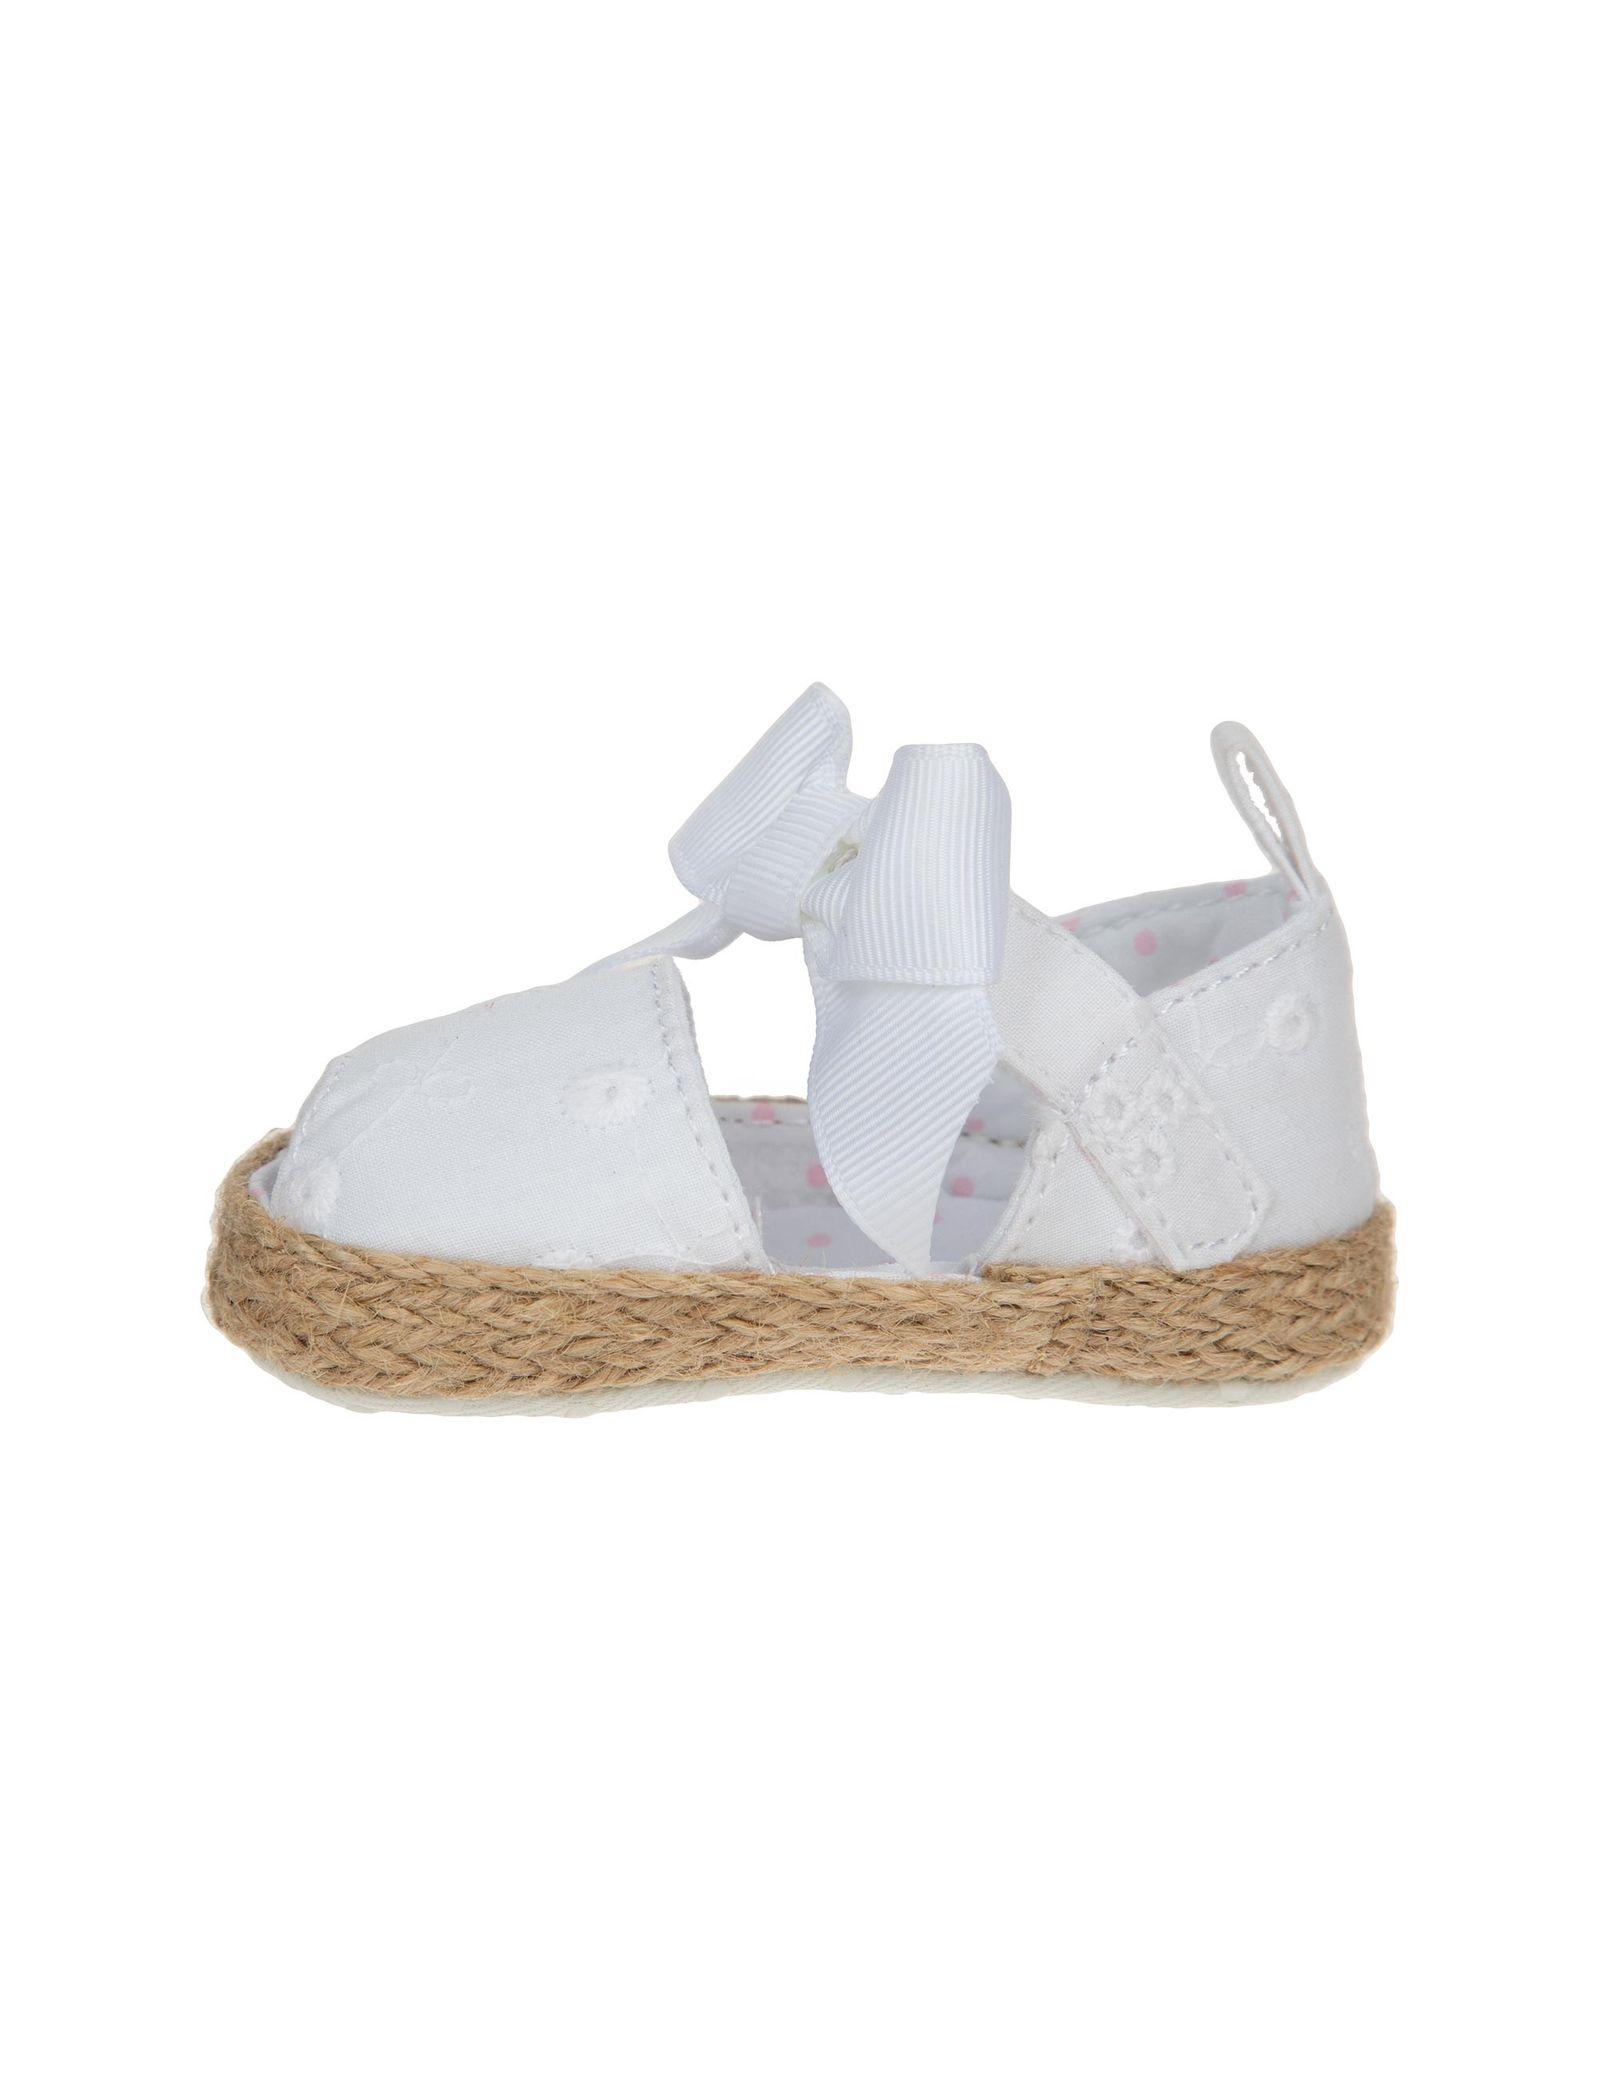 کفش پارچه ای نوزادی - بلوکیدز - نيلي - 2